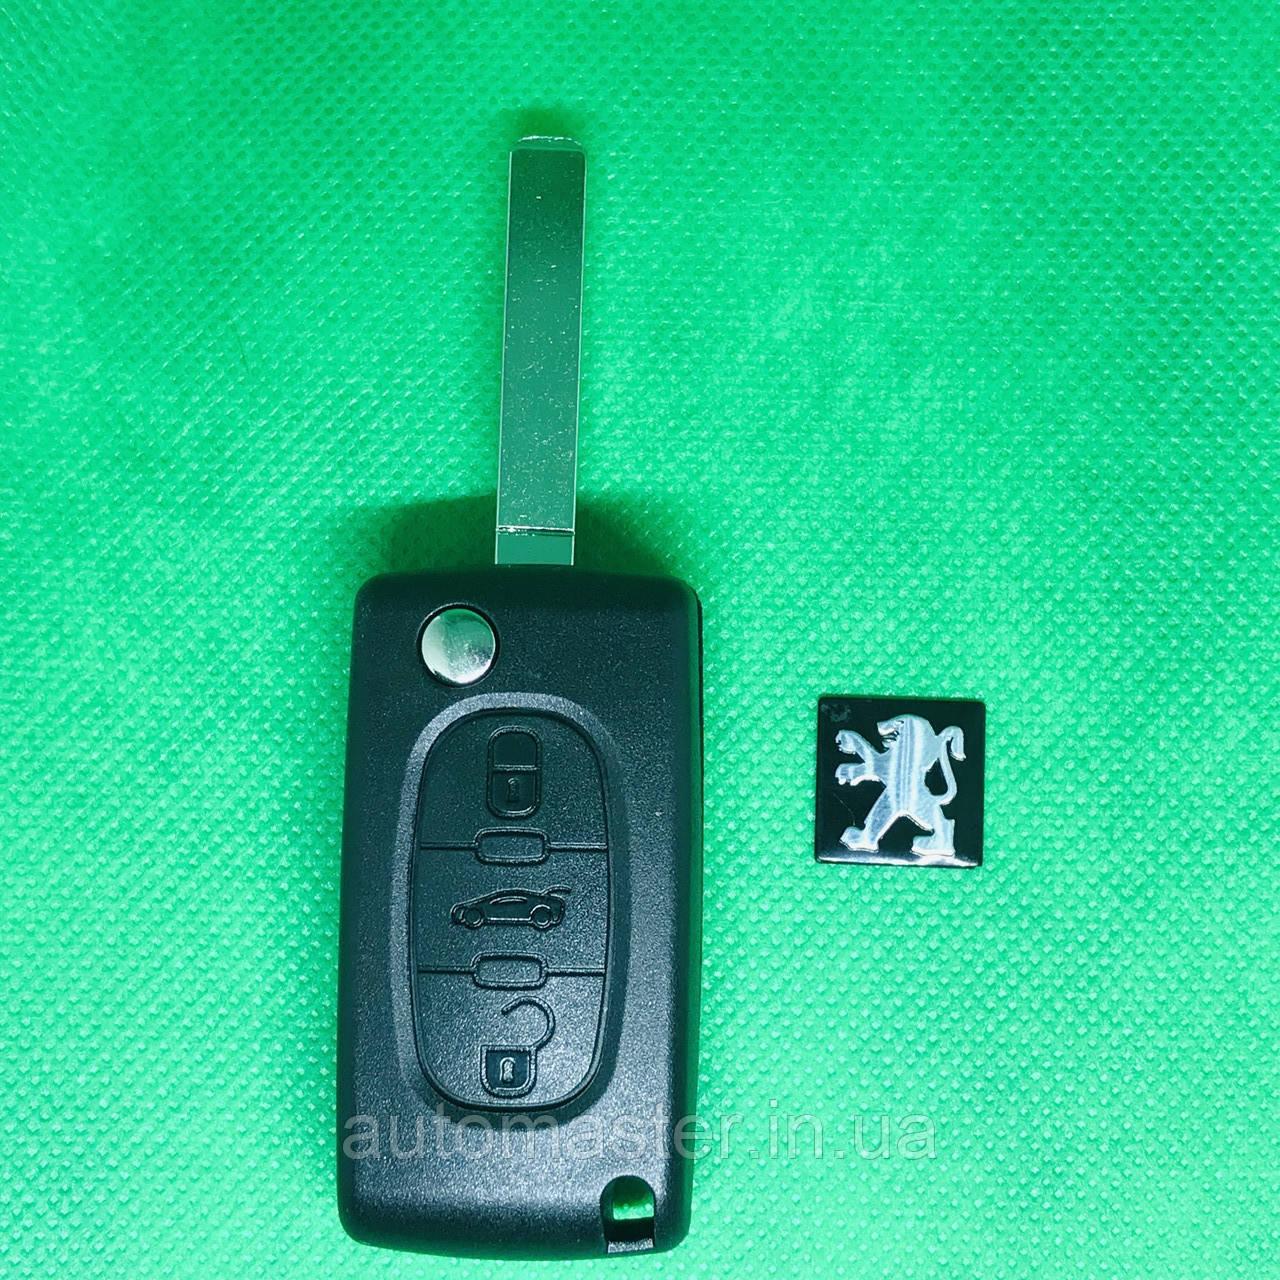 Корпус выкидного авто ключа для PEUGEOT (Пежо) 407, 4007, 607, Bipper, 3 - кнопки батарейка на корпусе